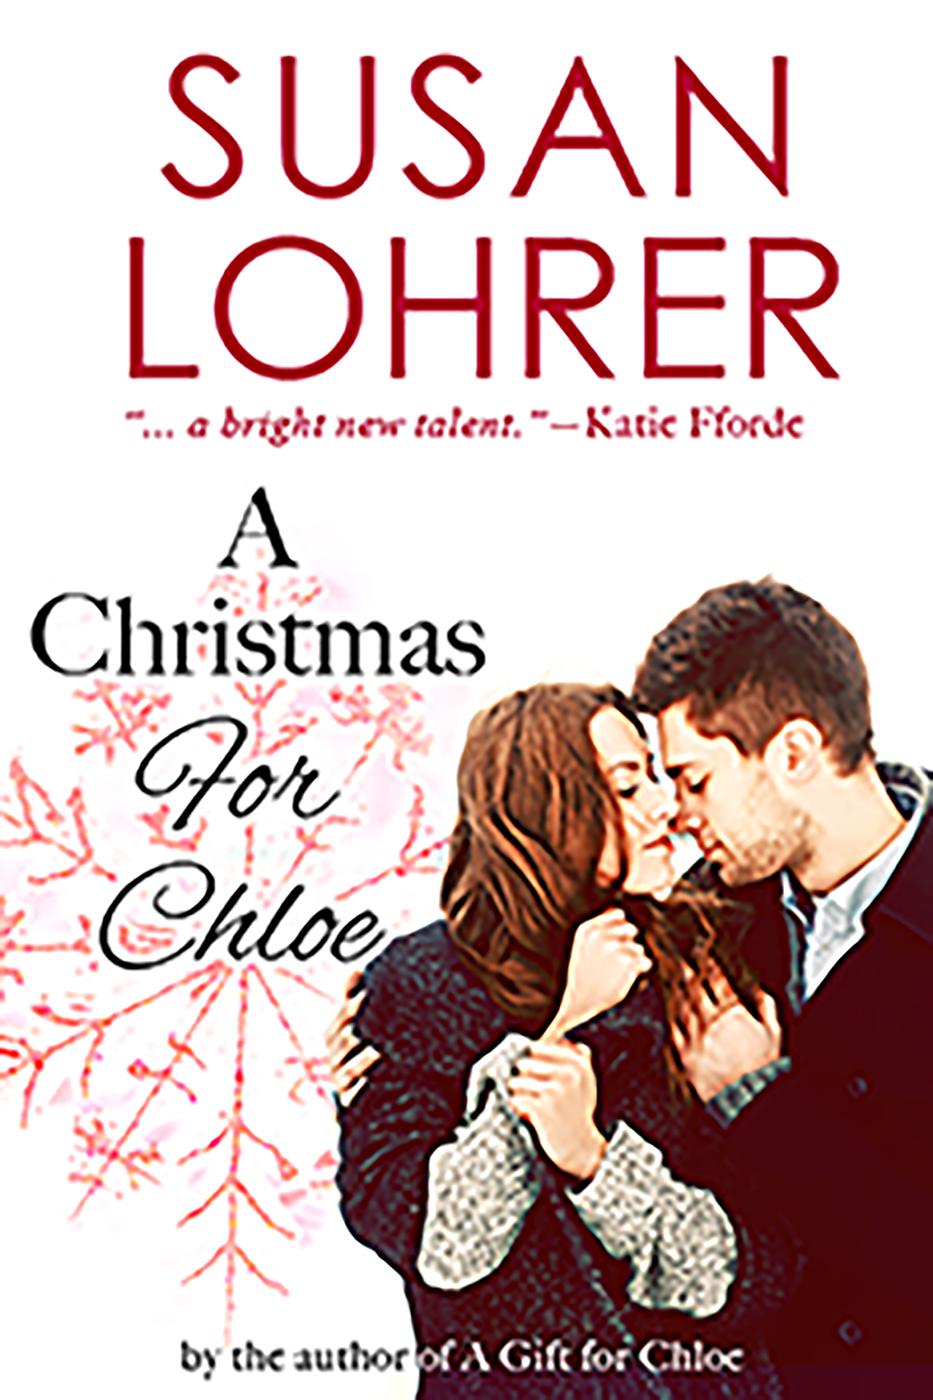 A Christmas for Chloe, an Ebook by Susan Lohrer